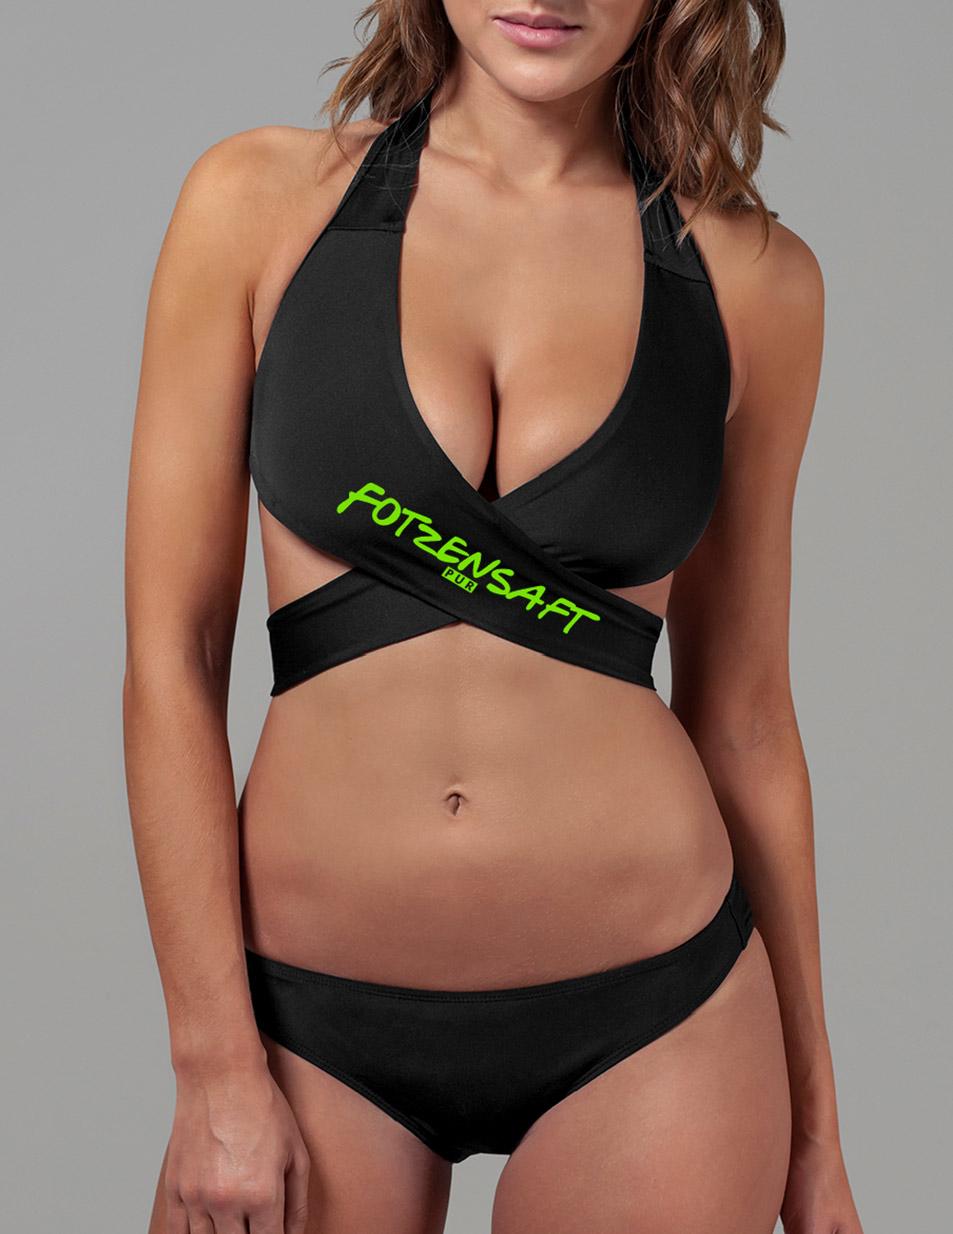 Fotzensaft Ladies Bikini